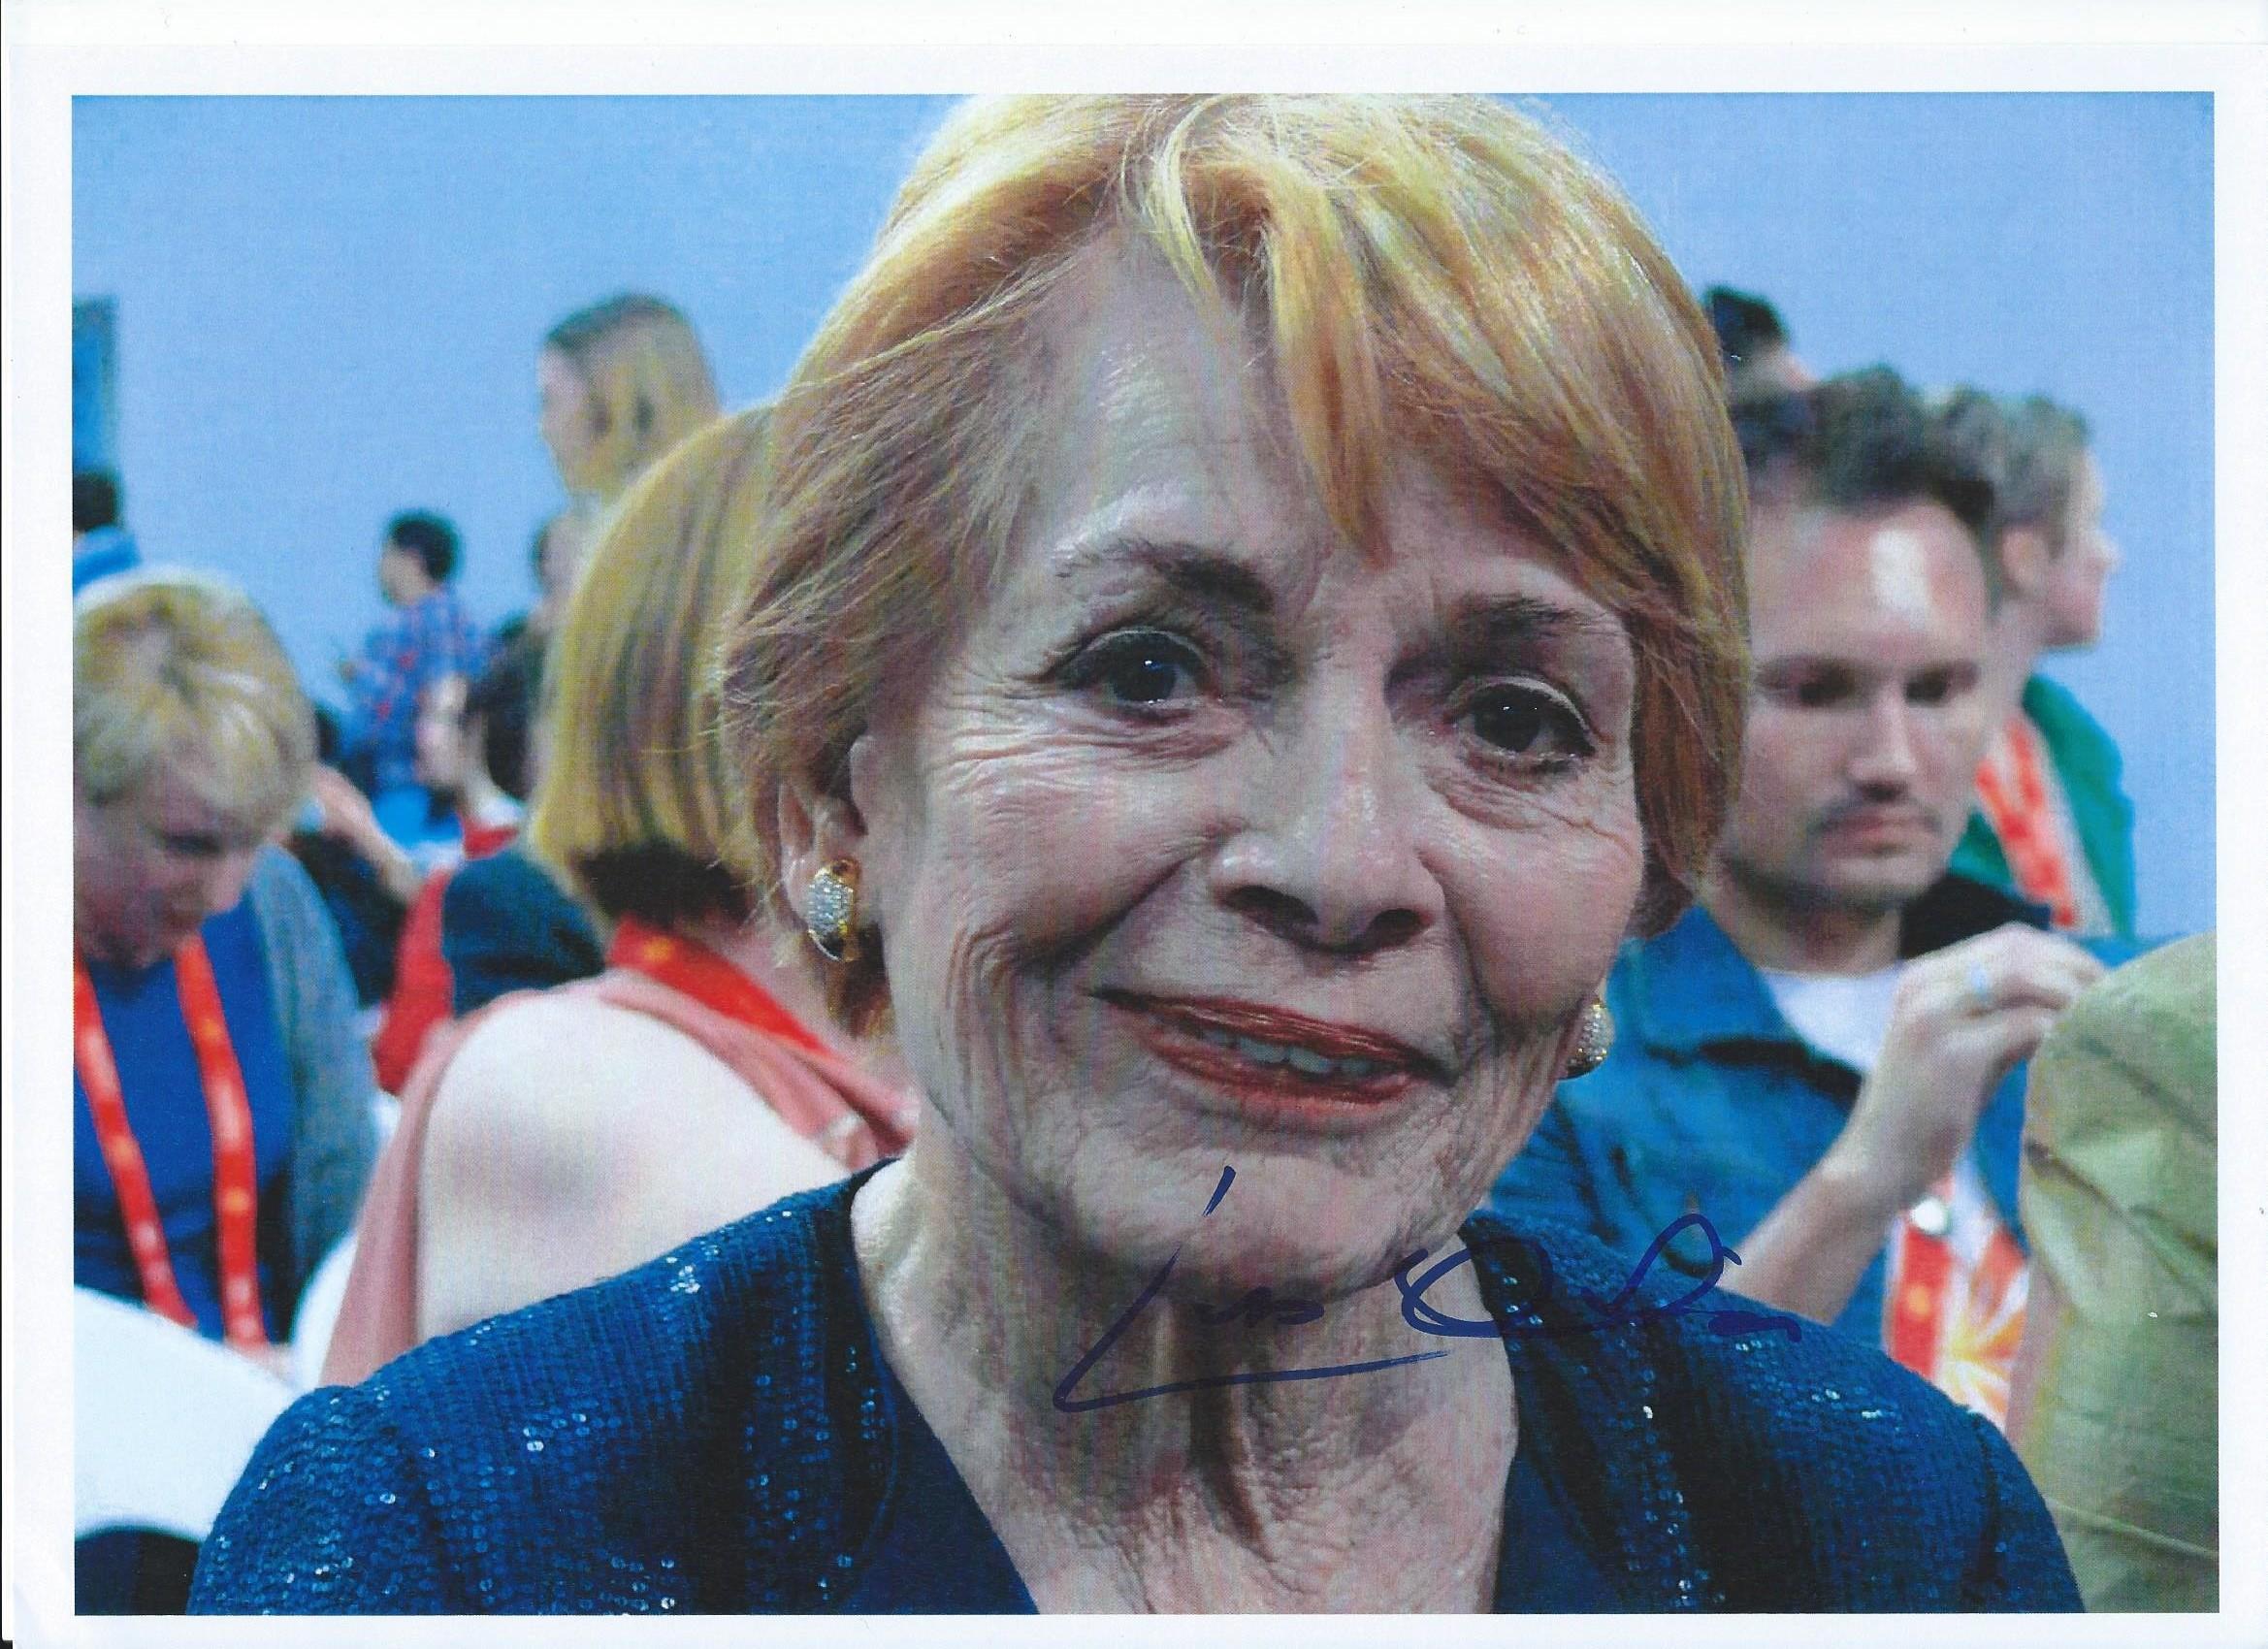 Lys Assia sa dožila 92 rokov